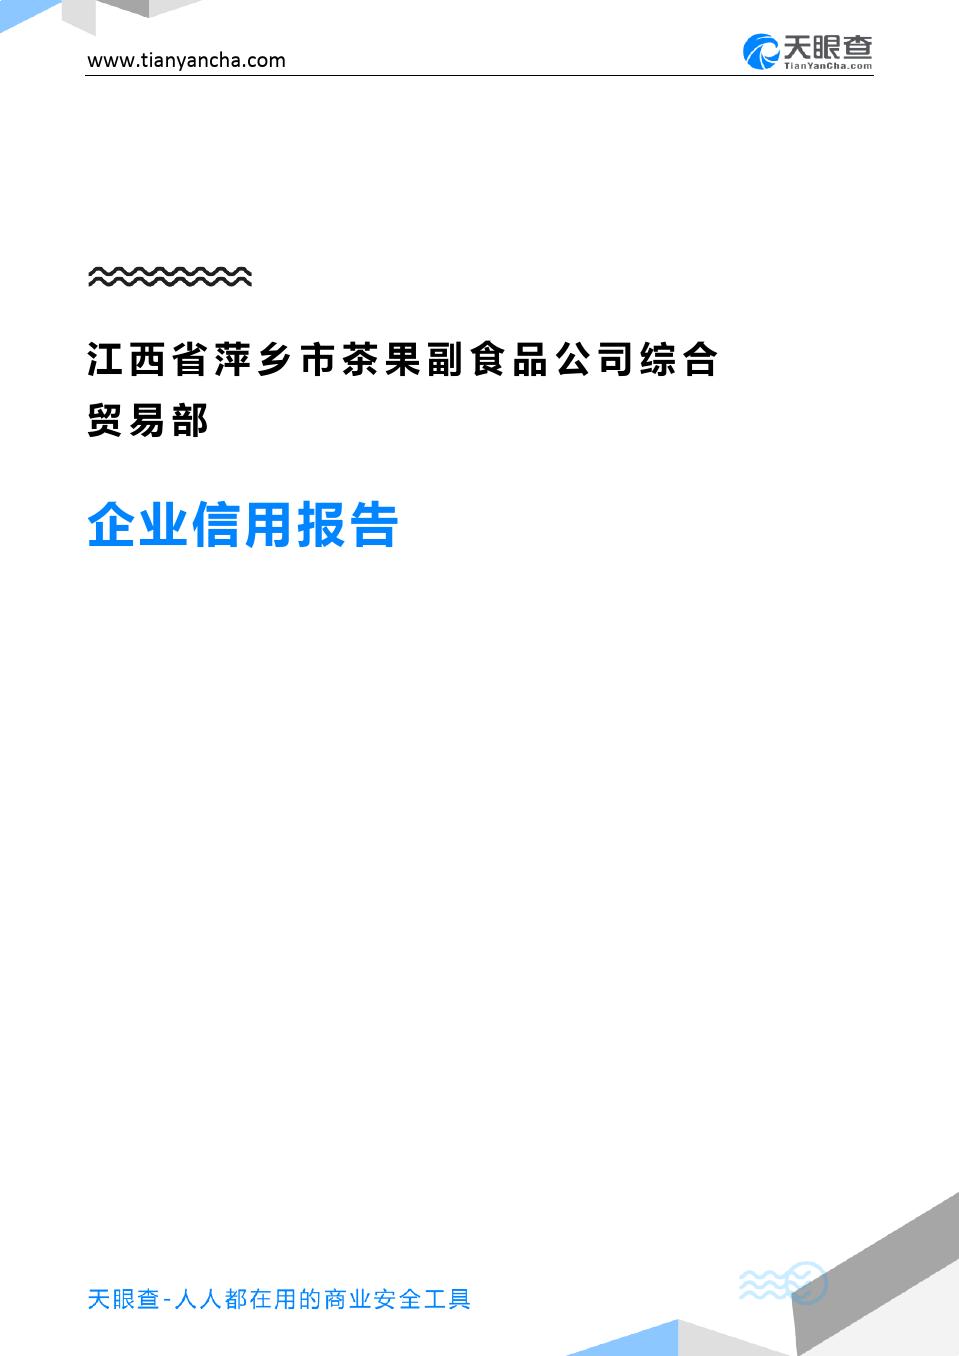 江西省萍乡市茶果副食品公司综合贸易部企业信用报告-天眼查